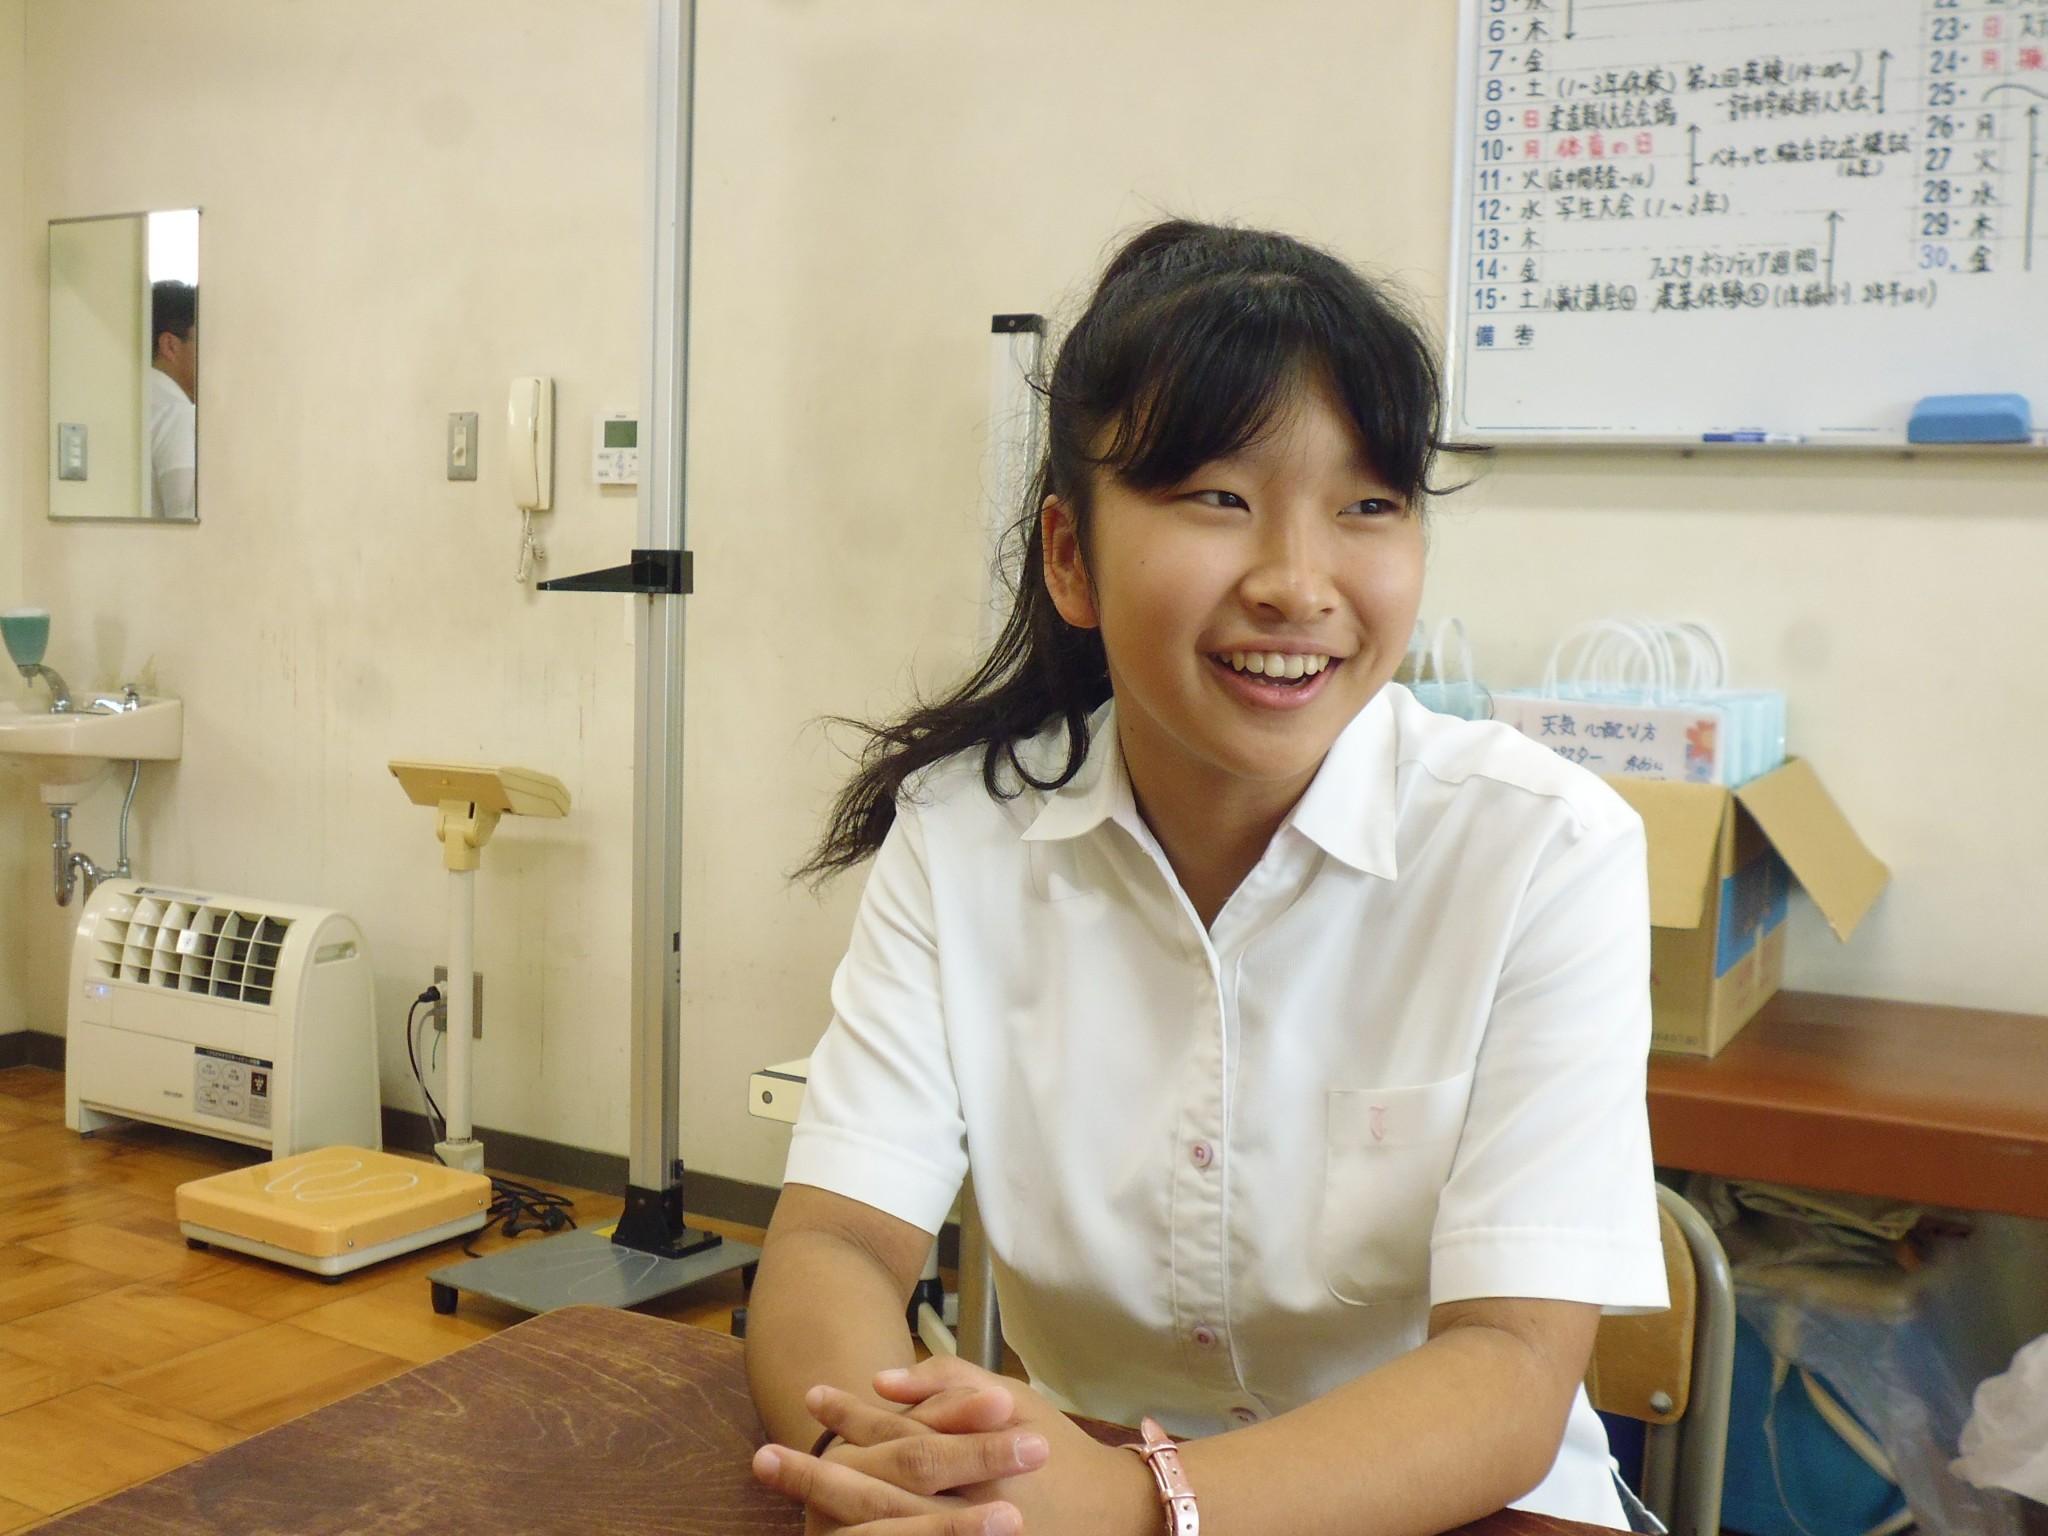 高円宮杯英語弁論大会